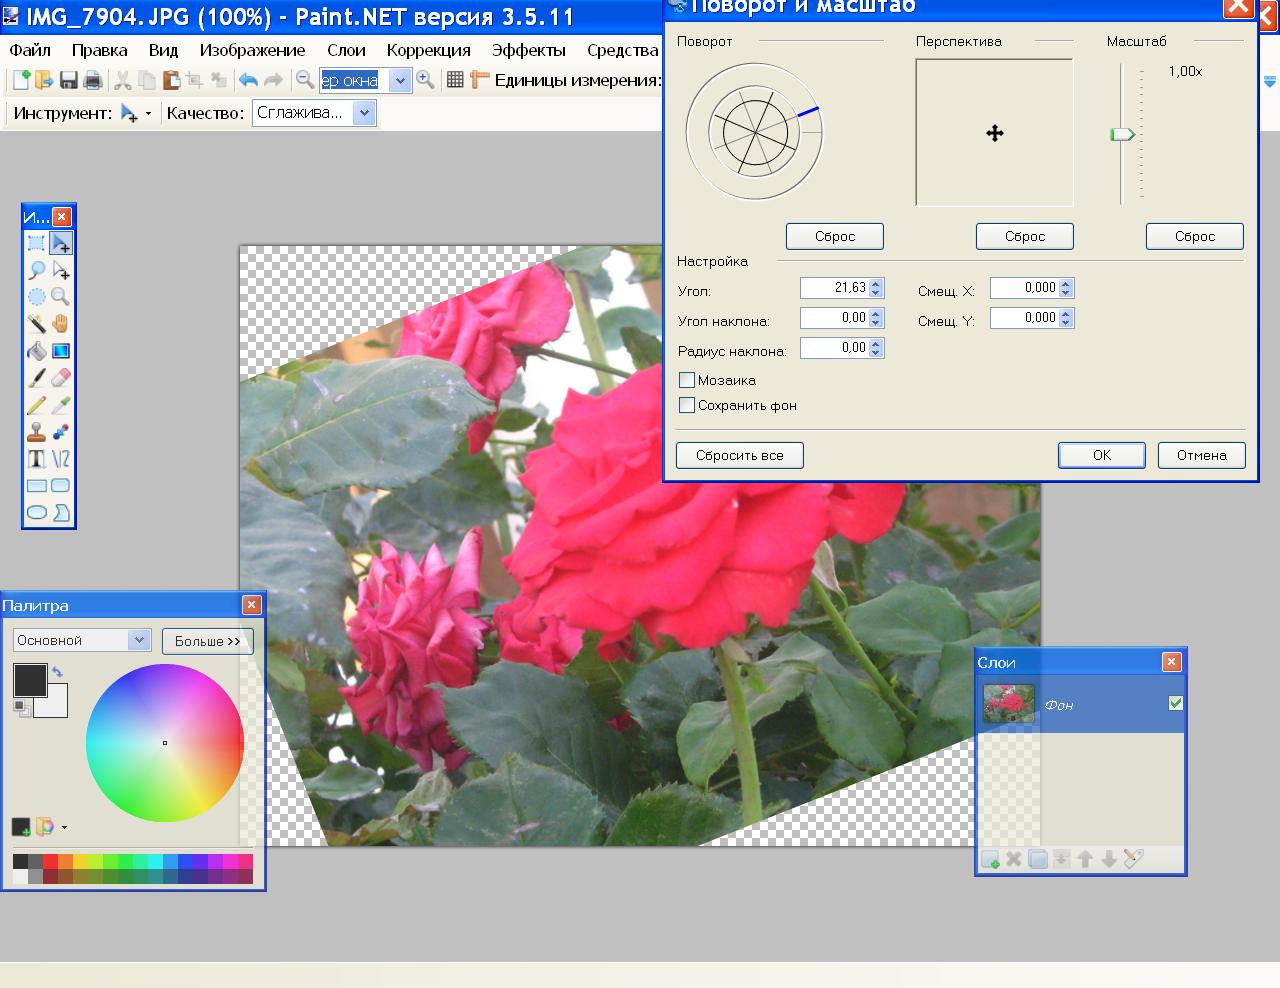 Как повернуть изображение в редактор фотографий